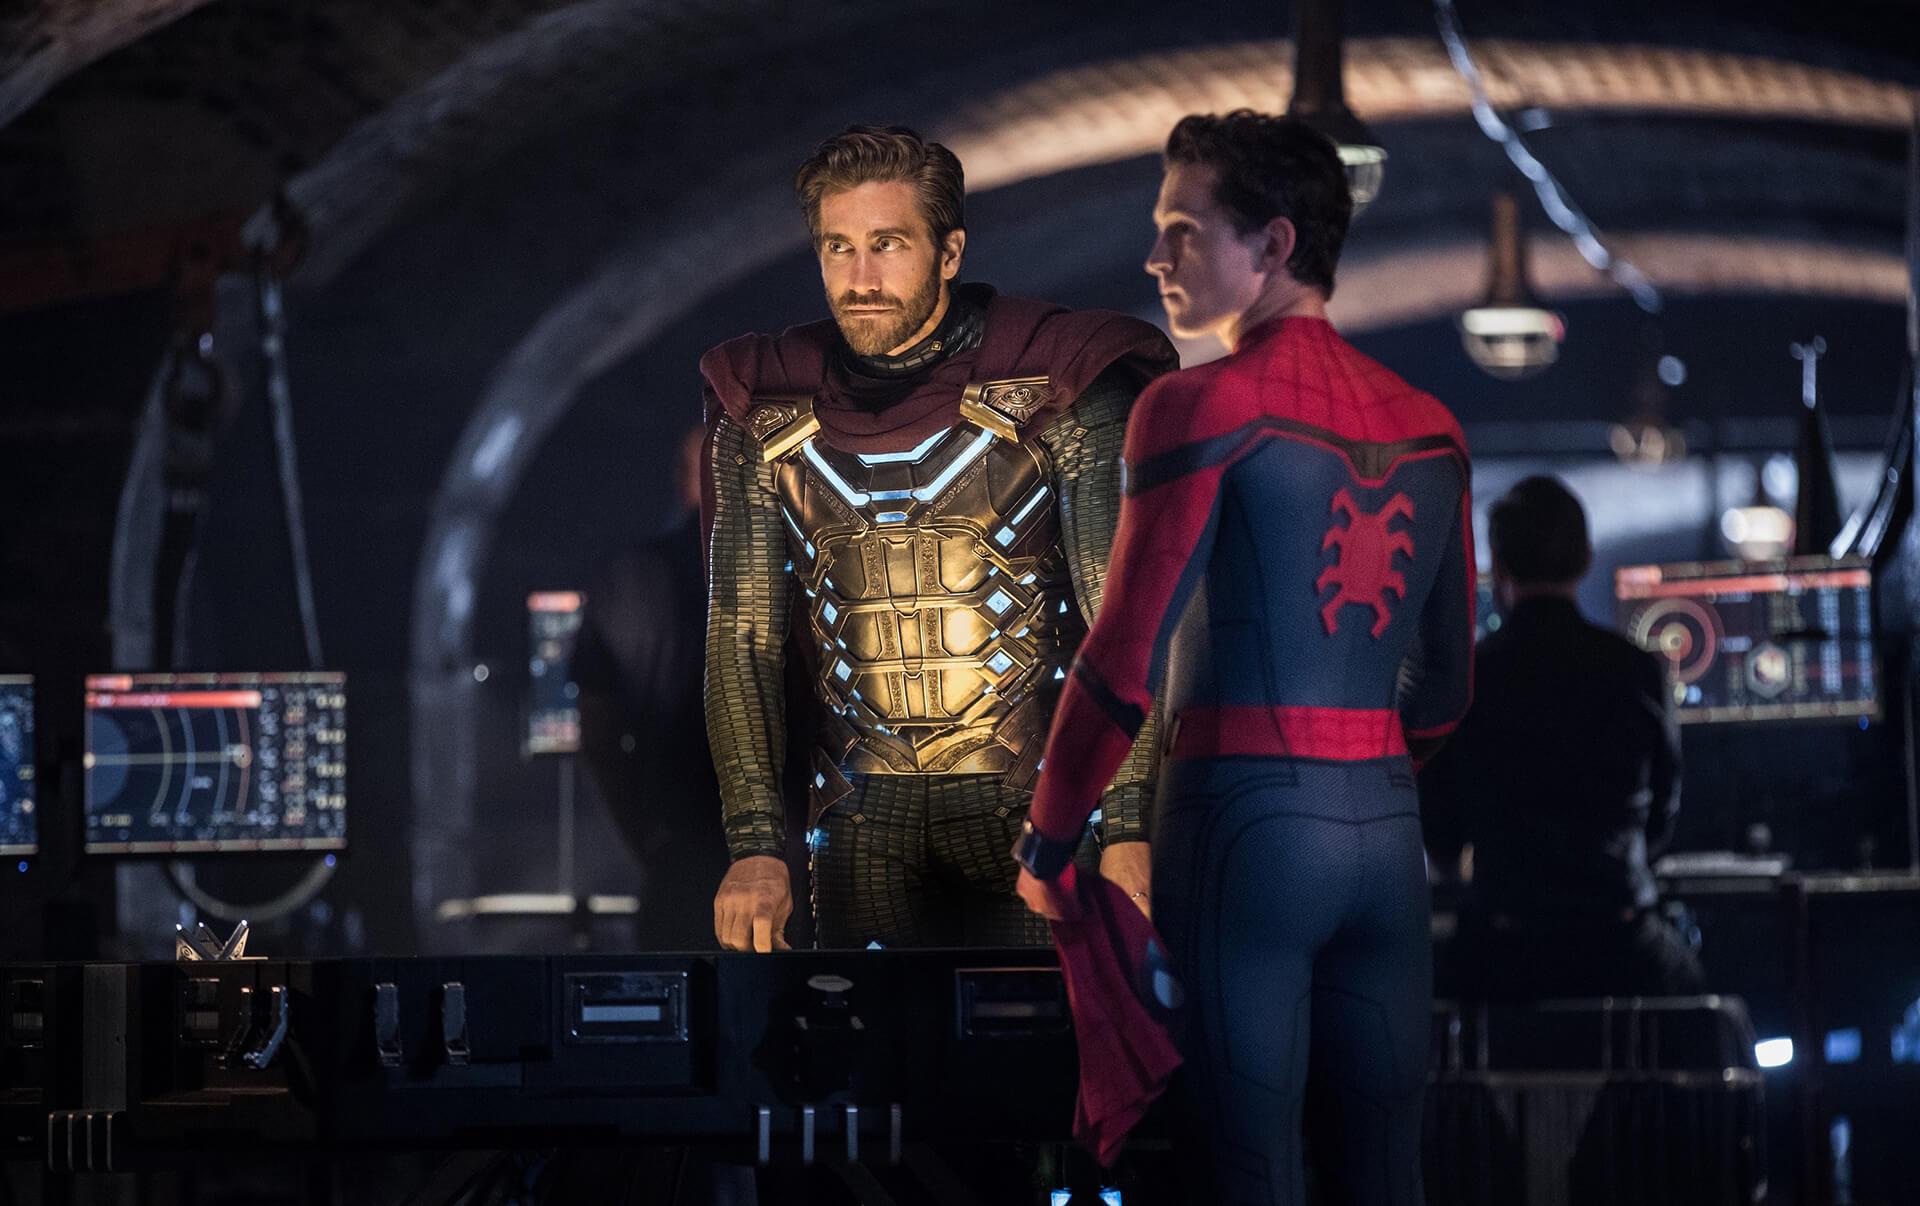 この写真はスパイダーマン エクスクルーシブ・ストア ジャパンツアーのイメージビジュアル。映画の1シーンです